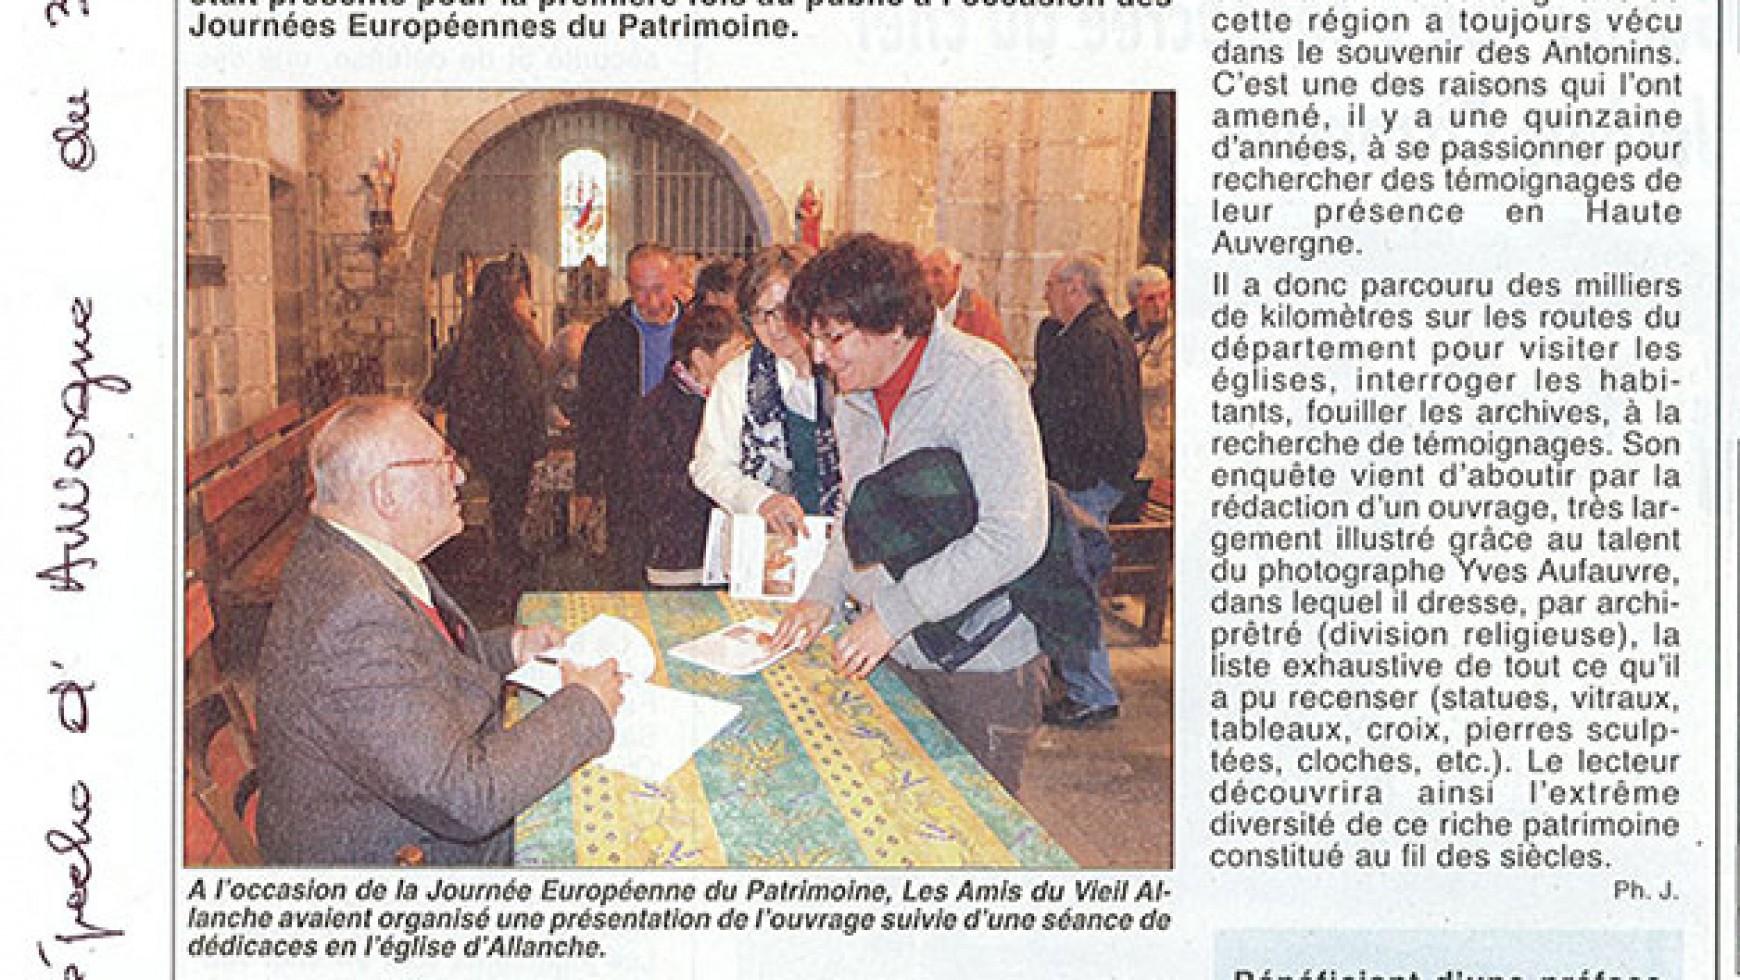 La Dépêche d'Auvergne – du 30 septembre 2016